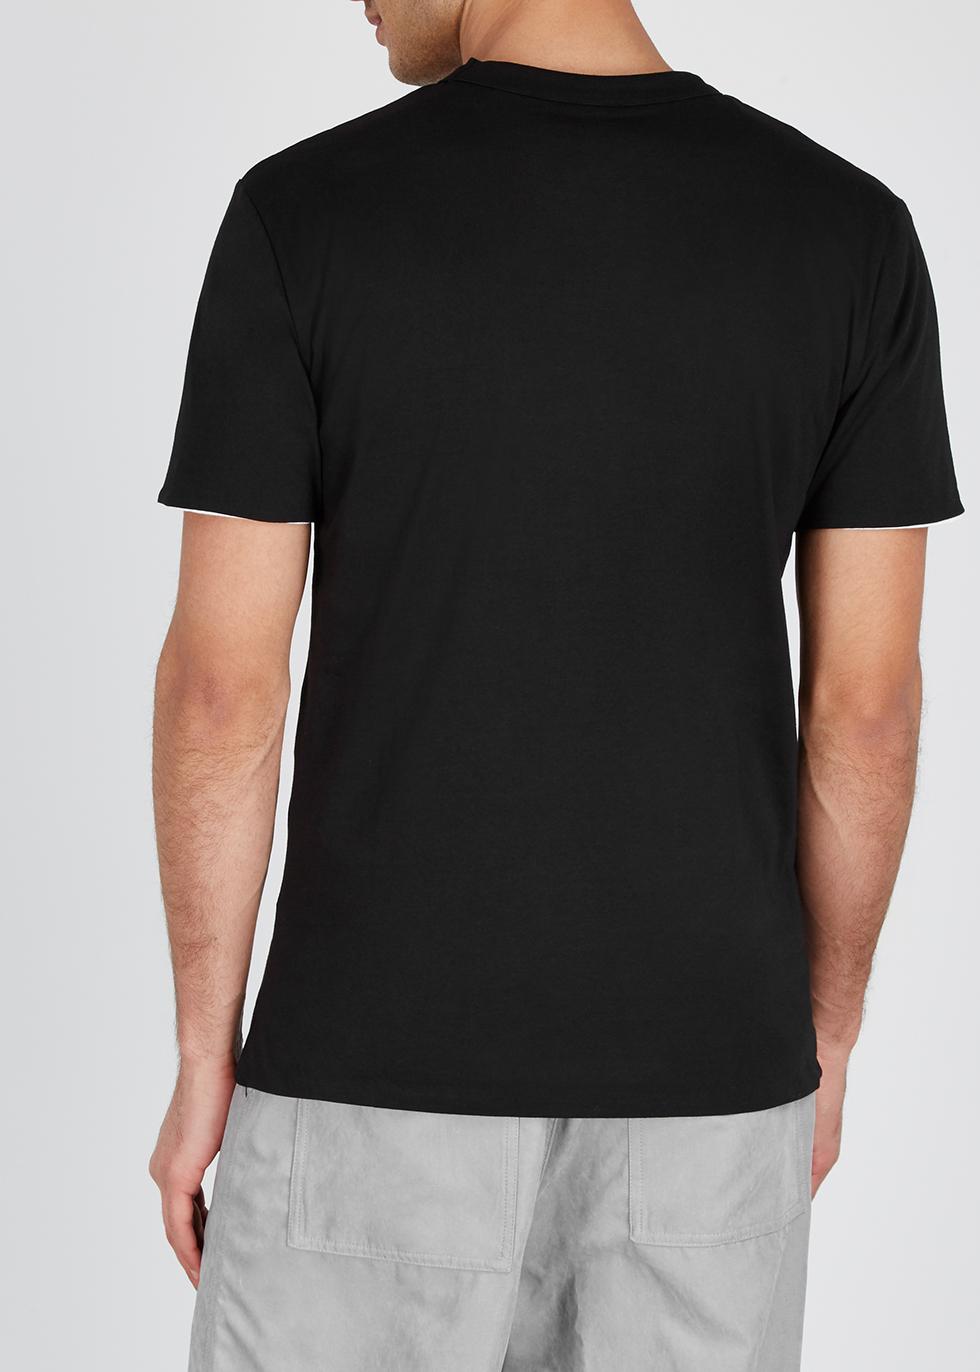 Black reversible cotton T-shirt - 032c